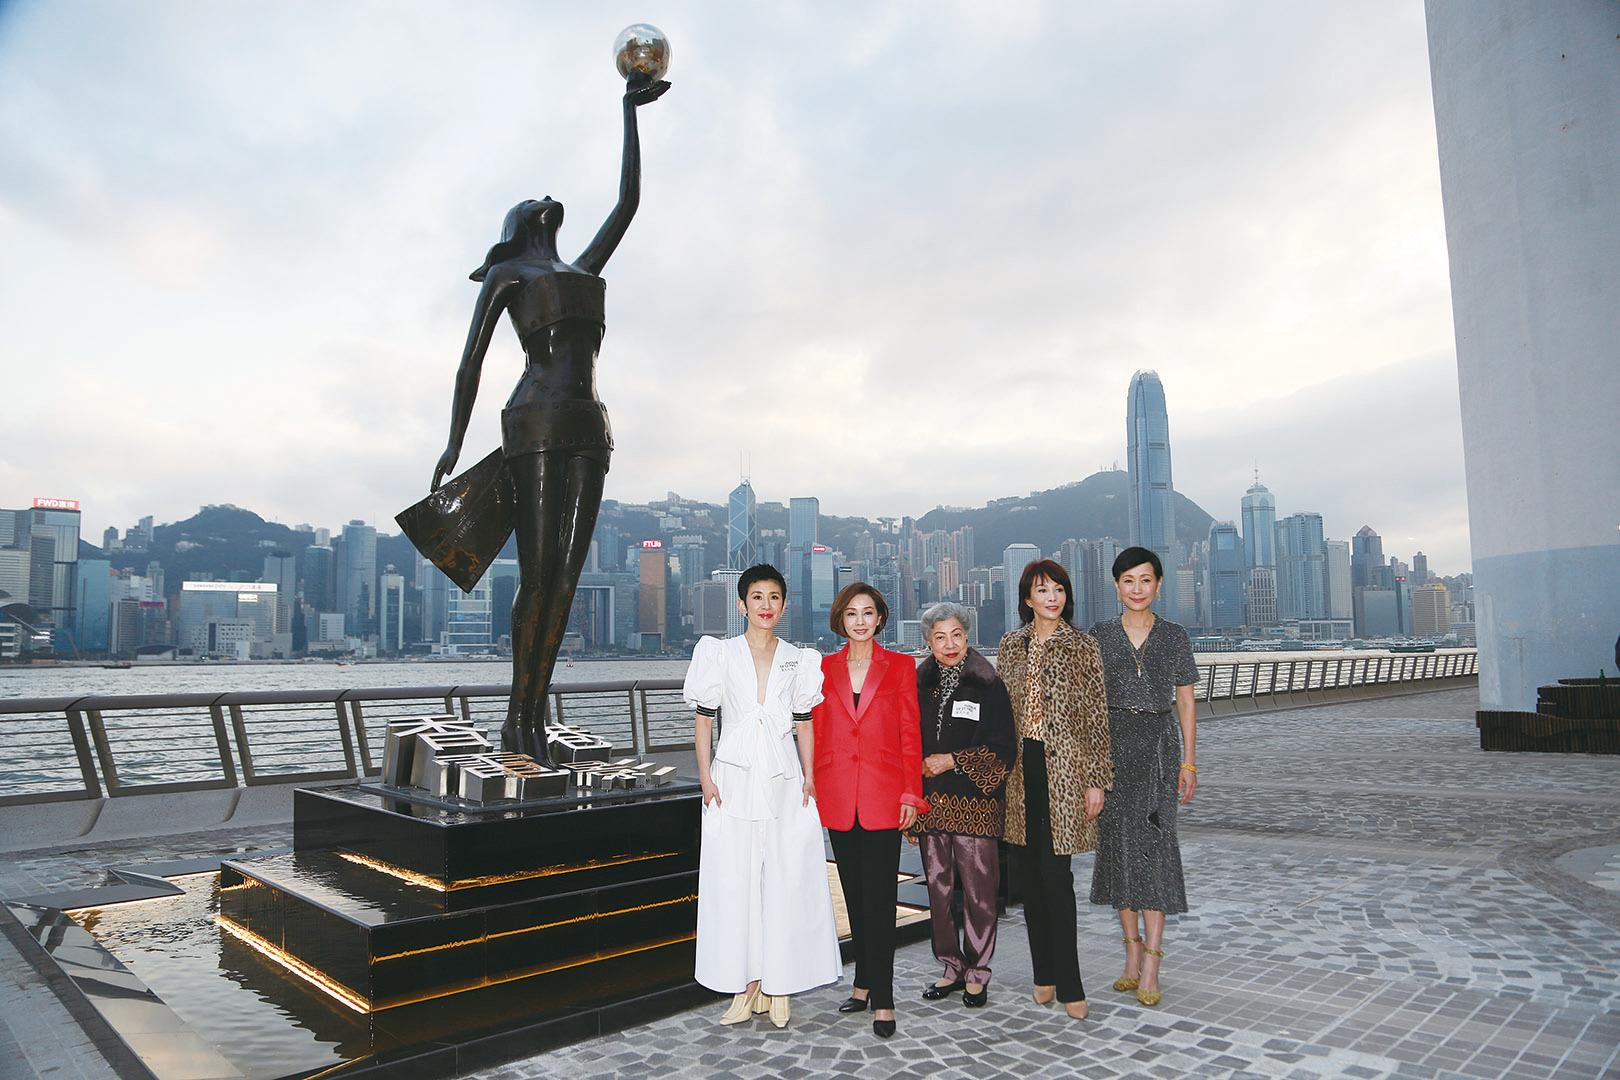 (左至右)吳君如、毛舜筠、羅蘭、鄭裕玲和葉童五名金像獎「影后」,獲邀出席星光大道開幕儀式。(Ming Wong/大紀元)